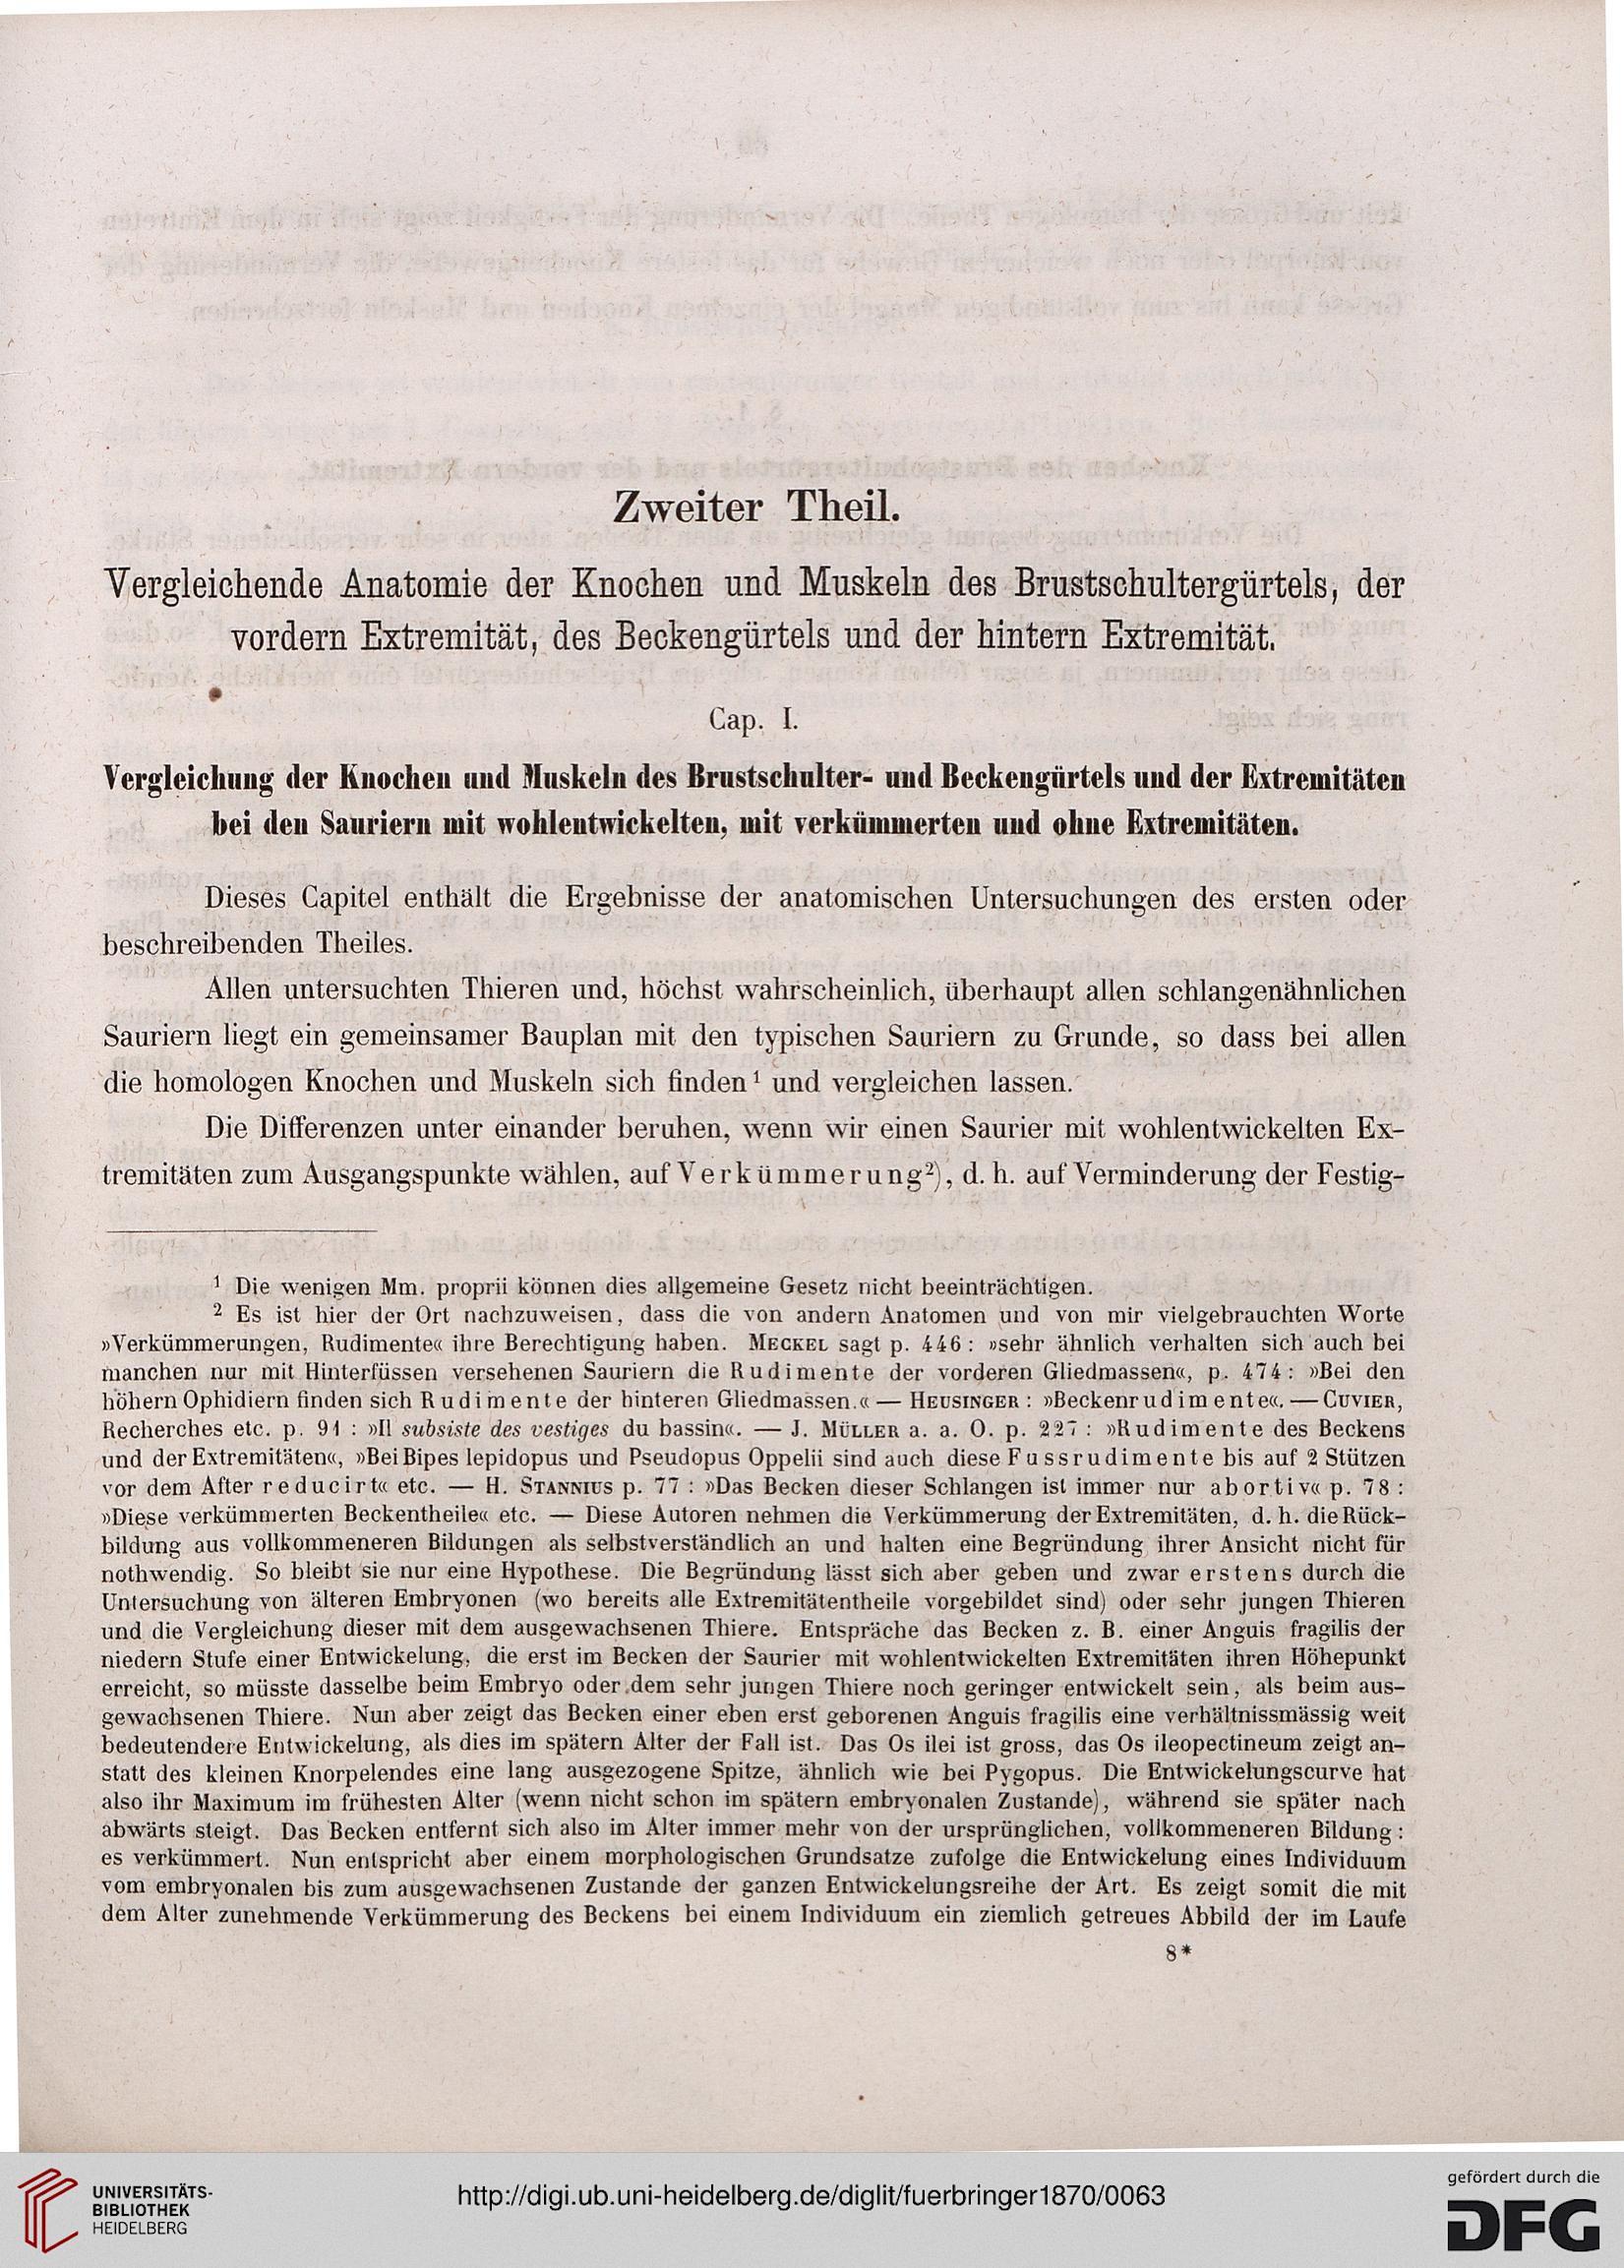 Fürbringer, Max: Die Knochen und Muskeln der Extremitäten bei den ...